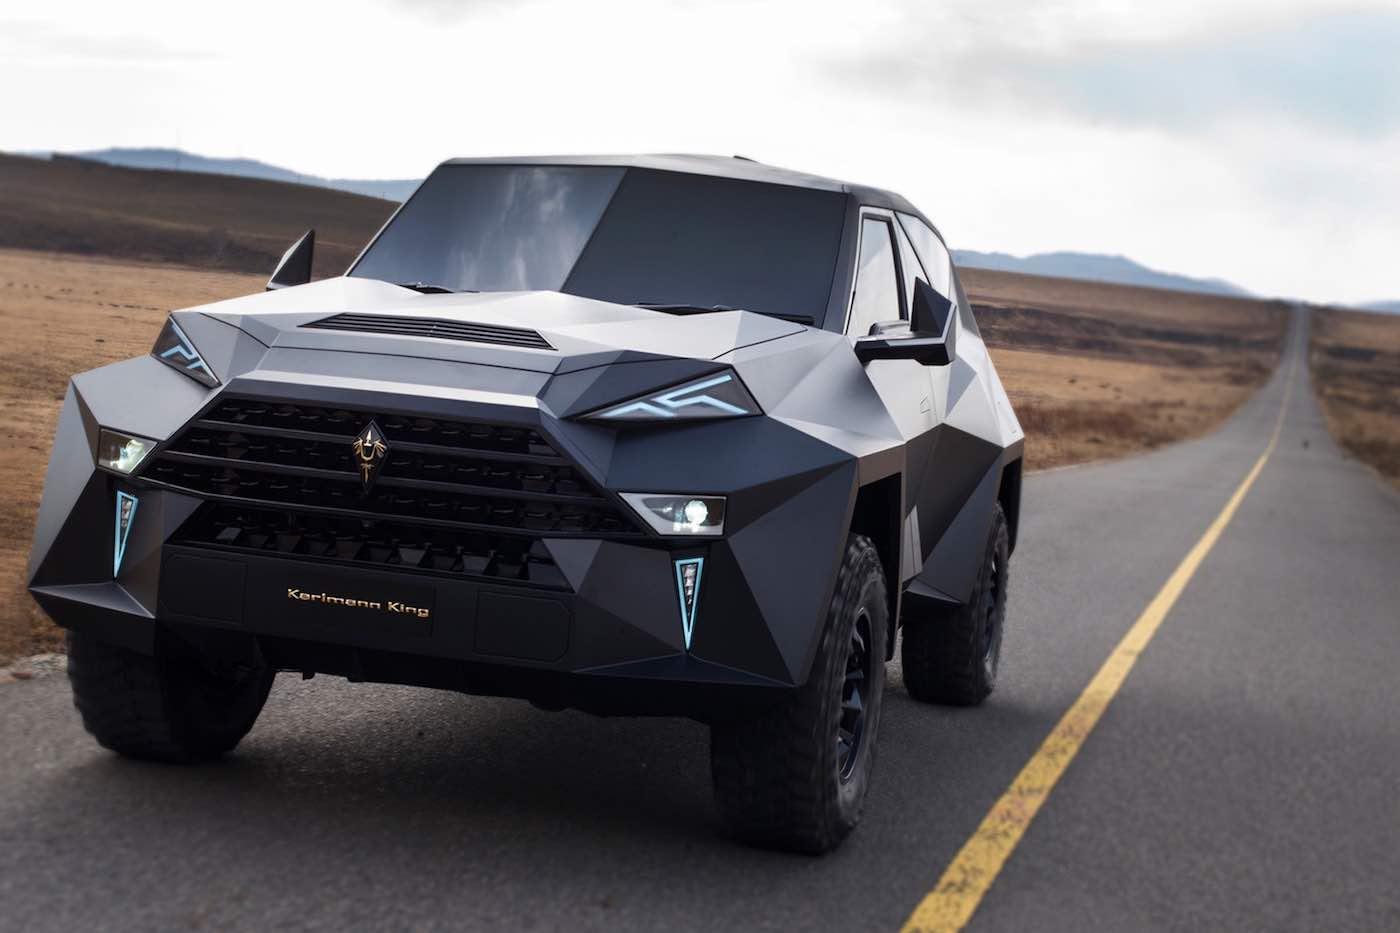 Karlmann King es el SUV más caro del mundo: Seis toneladas de lujoso blindaje por $2 millones